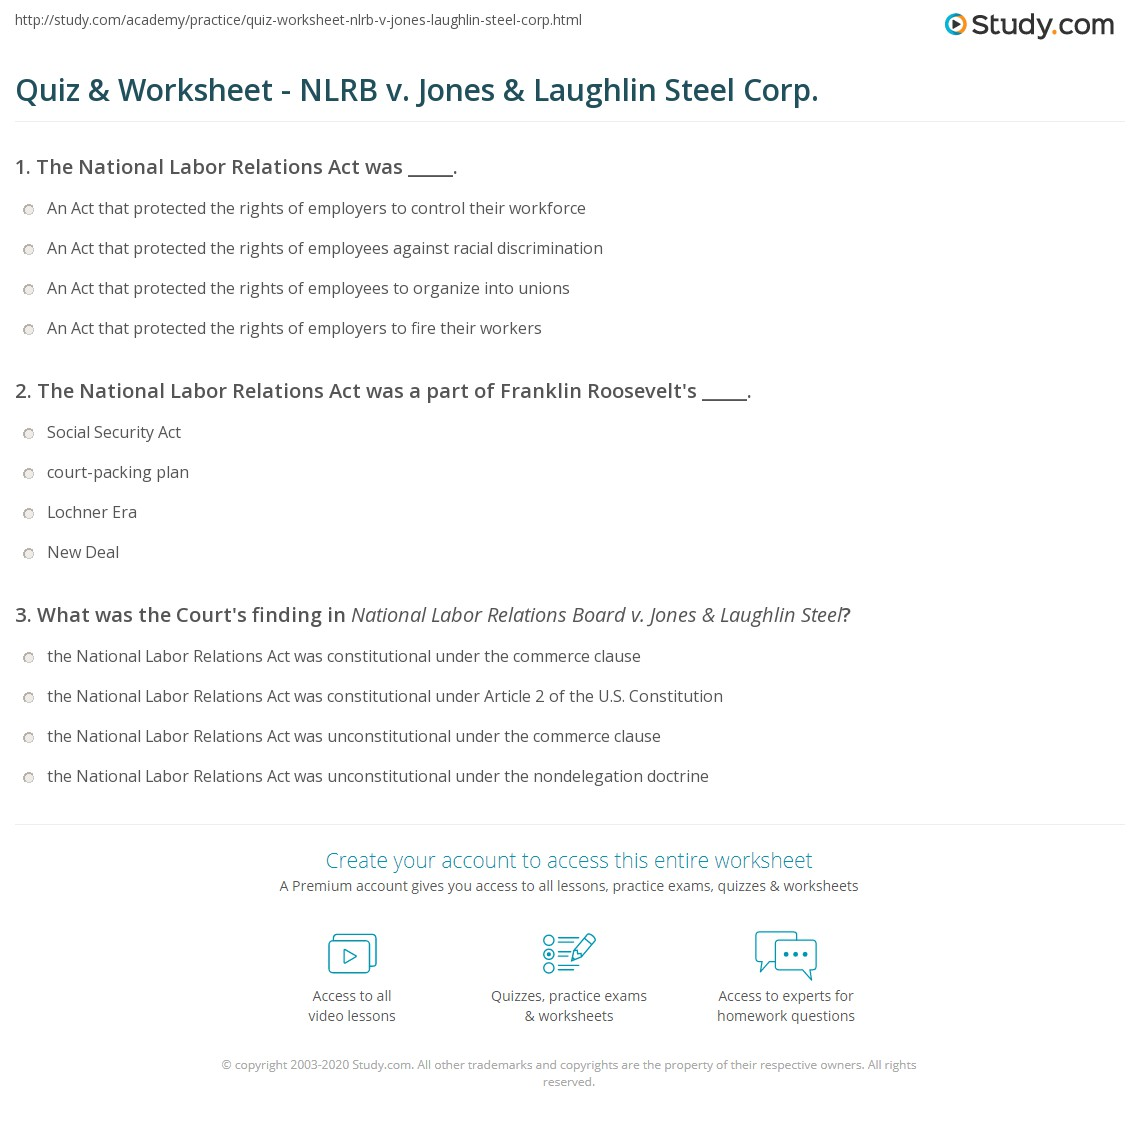 quiz worksheet nlrb v jones laughlin steel corp. Black Bedroom Furniture Sets. Home Design Ideas